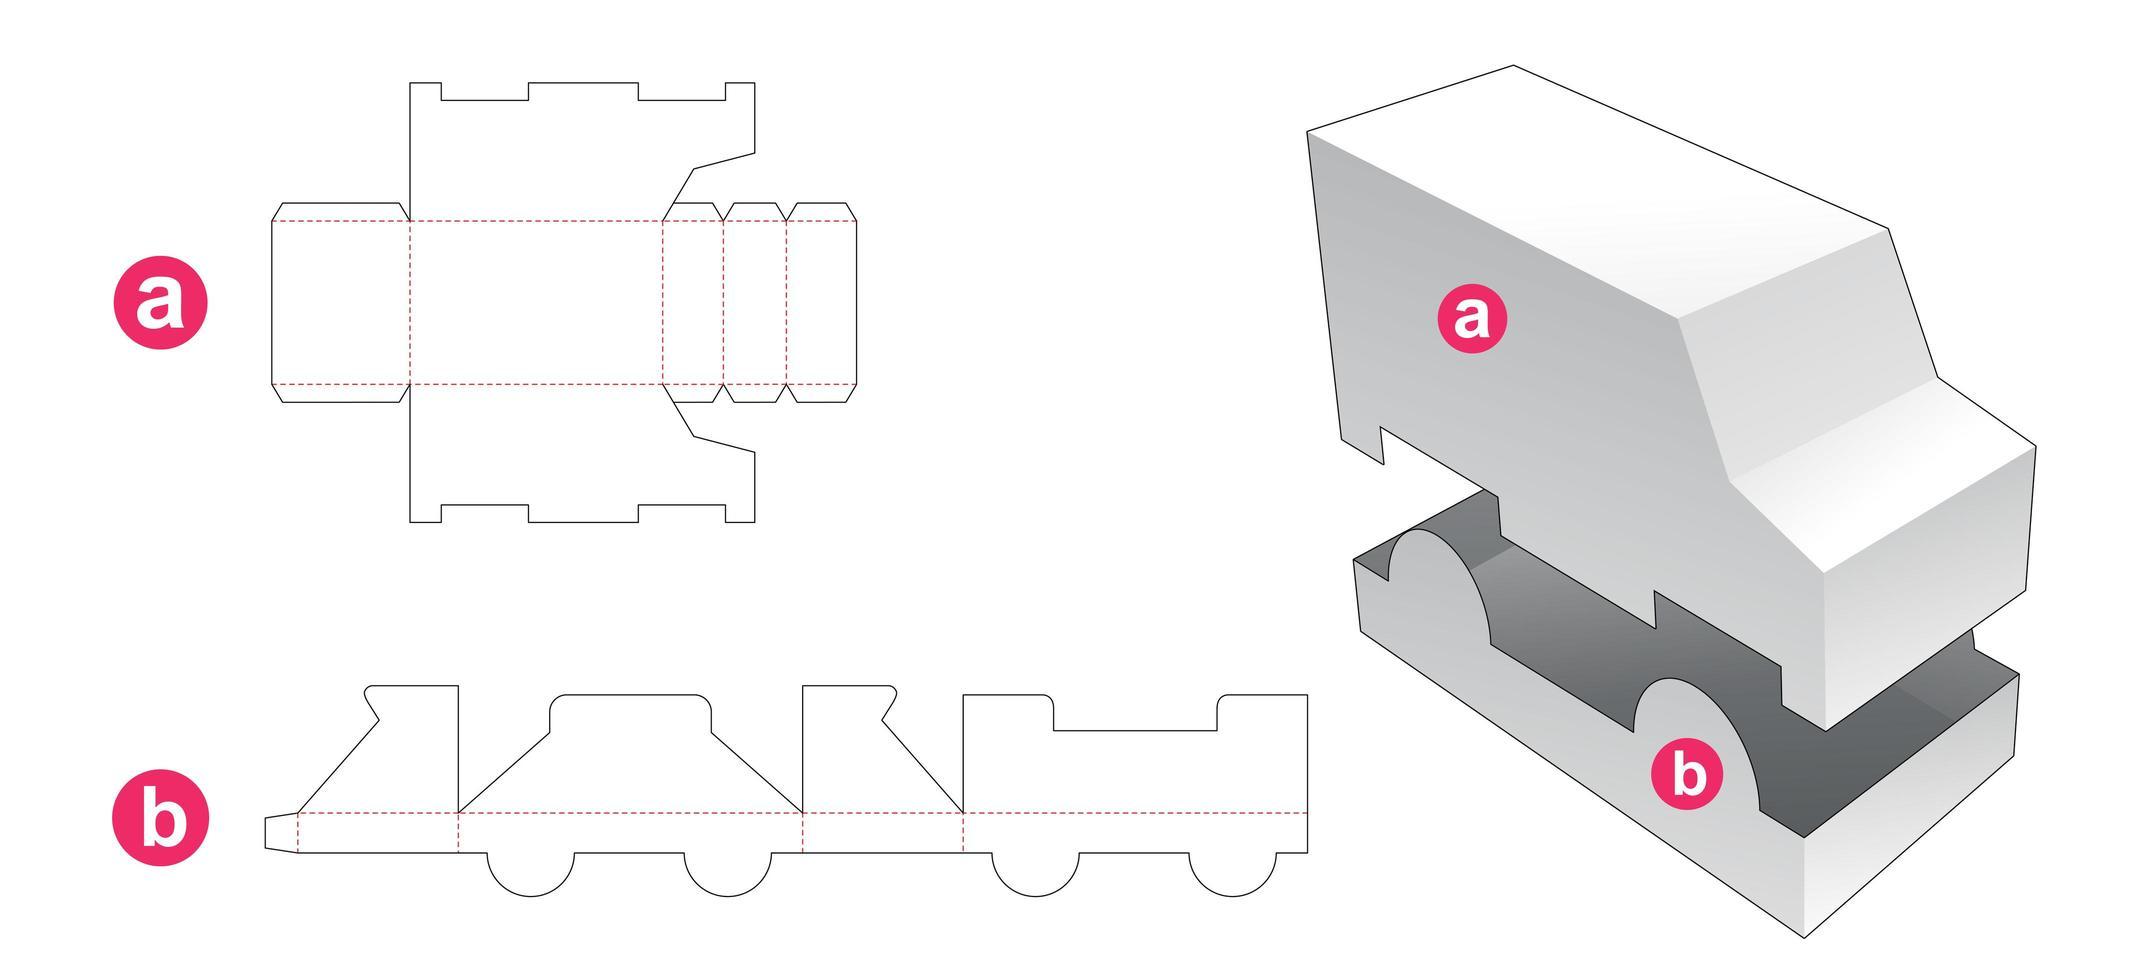 caixa e tampa em forma de caminhão vetor